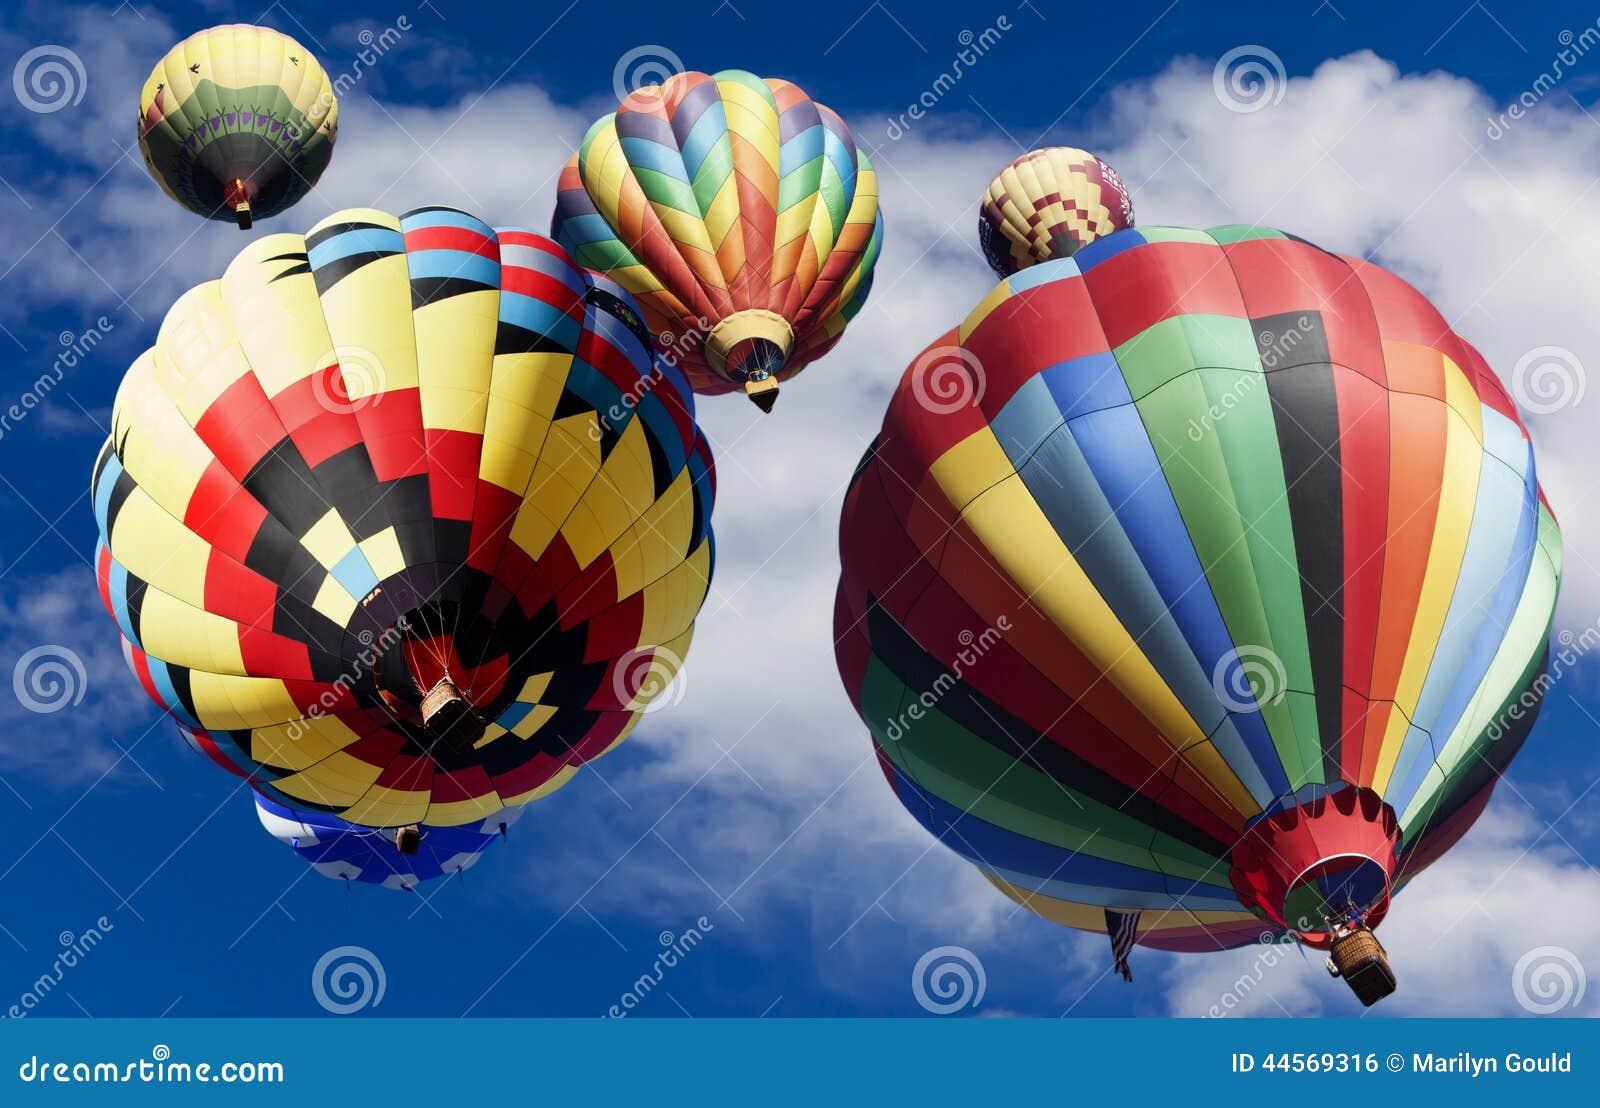 Μπαλόνια ζεστού αέρα που παρασύρουν πρός τα πάνω